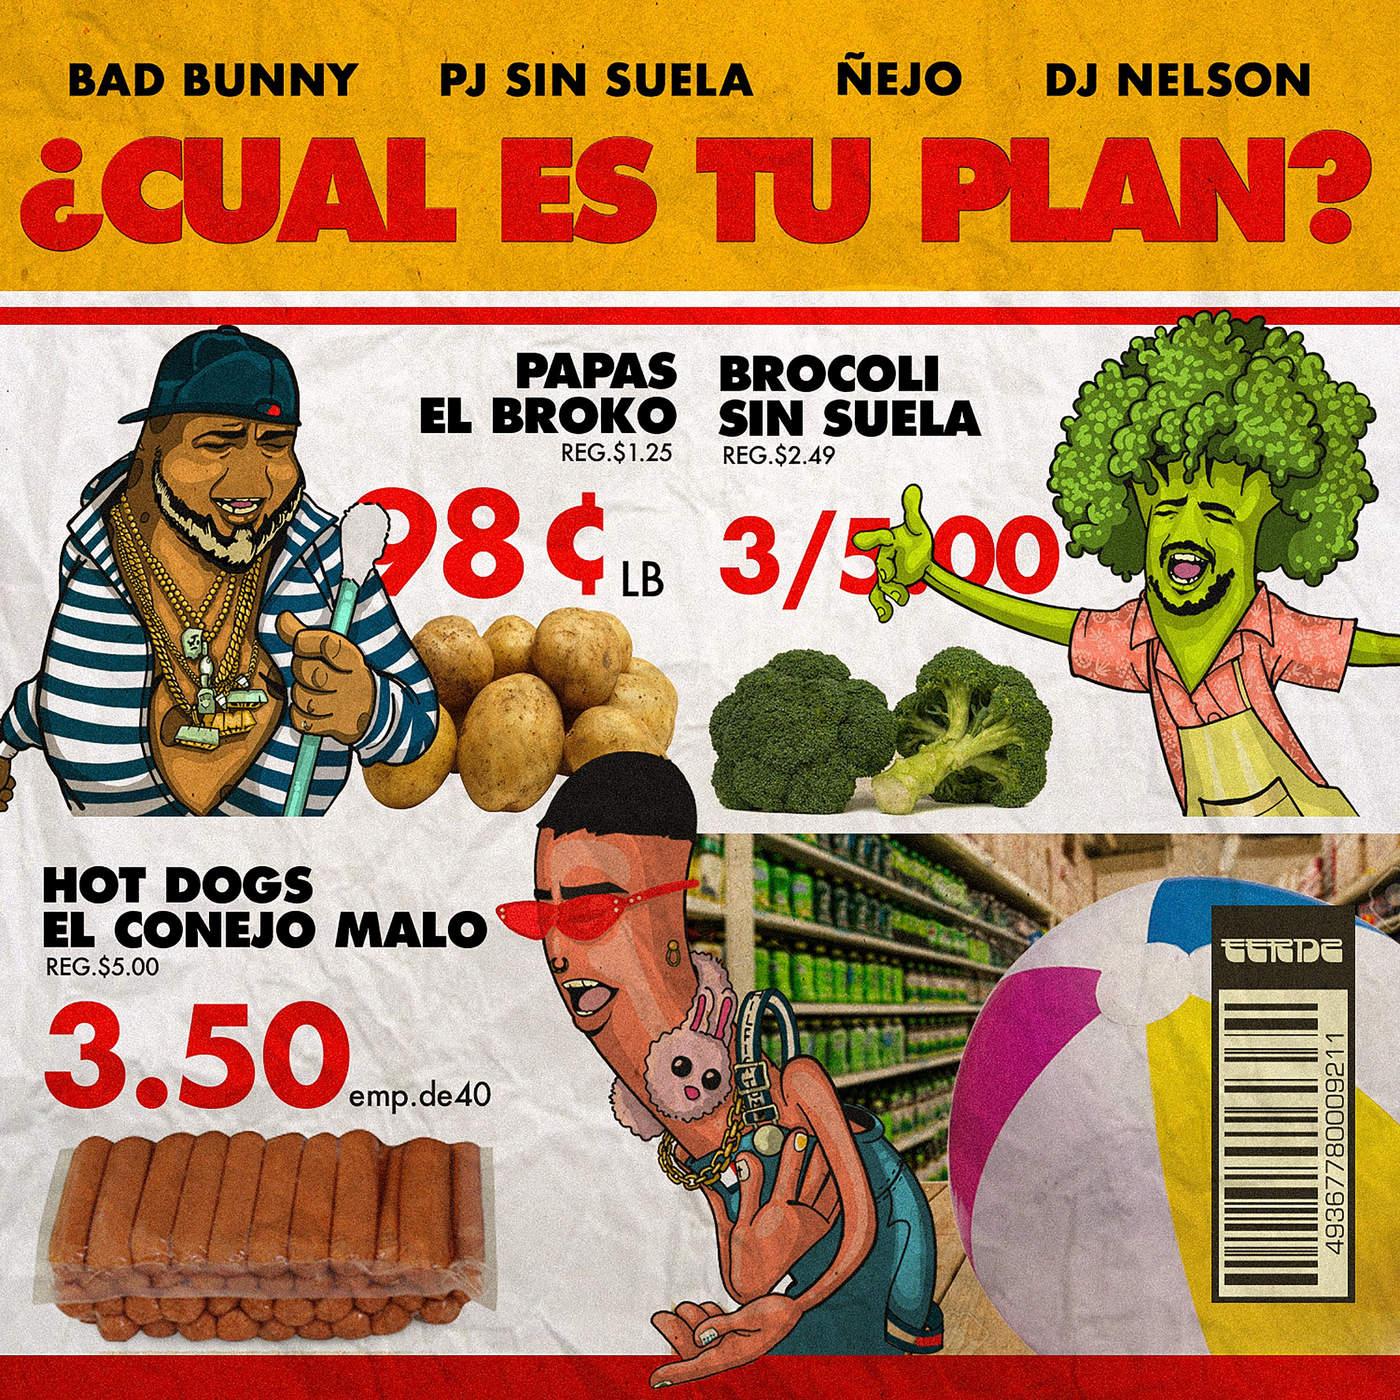 plan - Bad Bunny, Ñejo, Pj Sin Suela – Cual Es Tu Plan